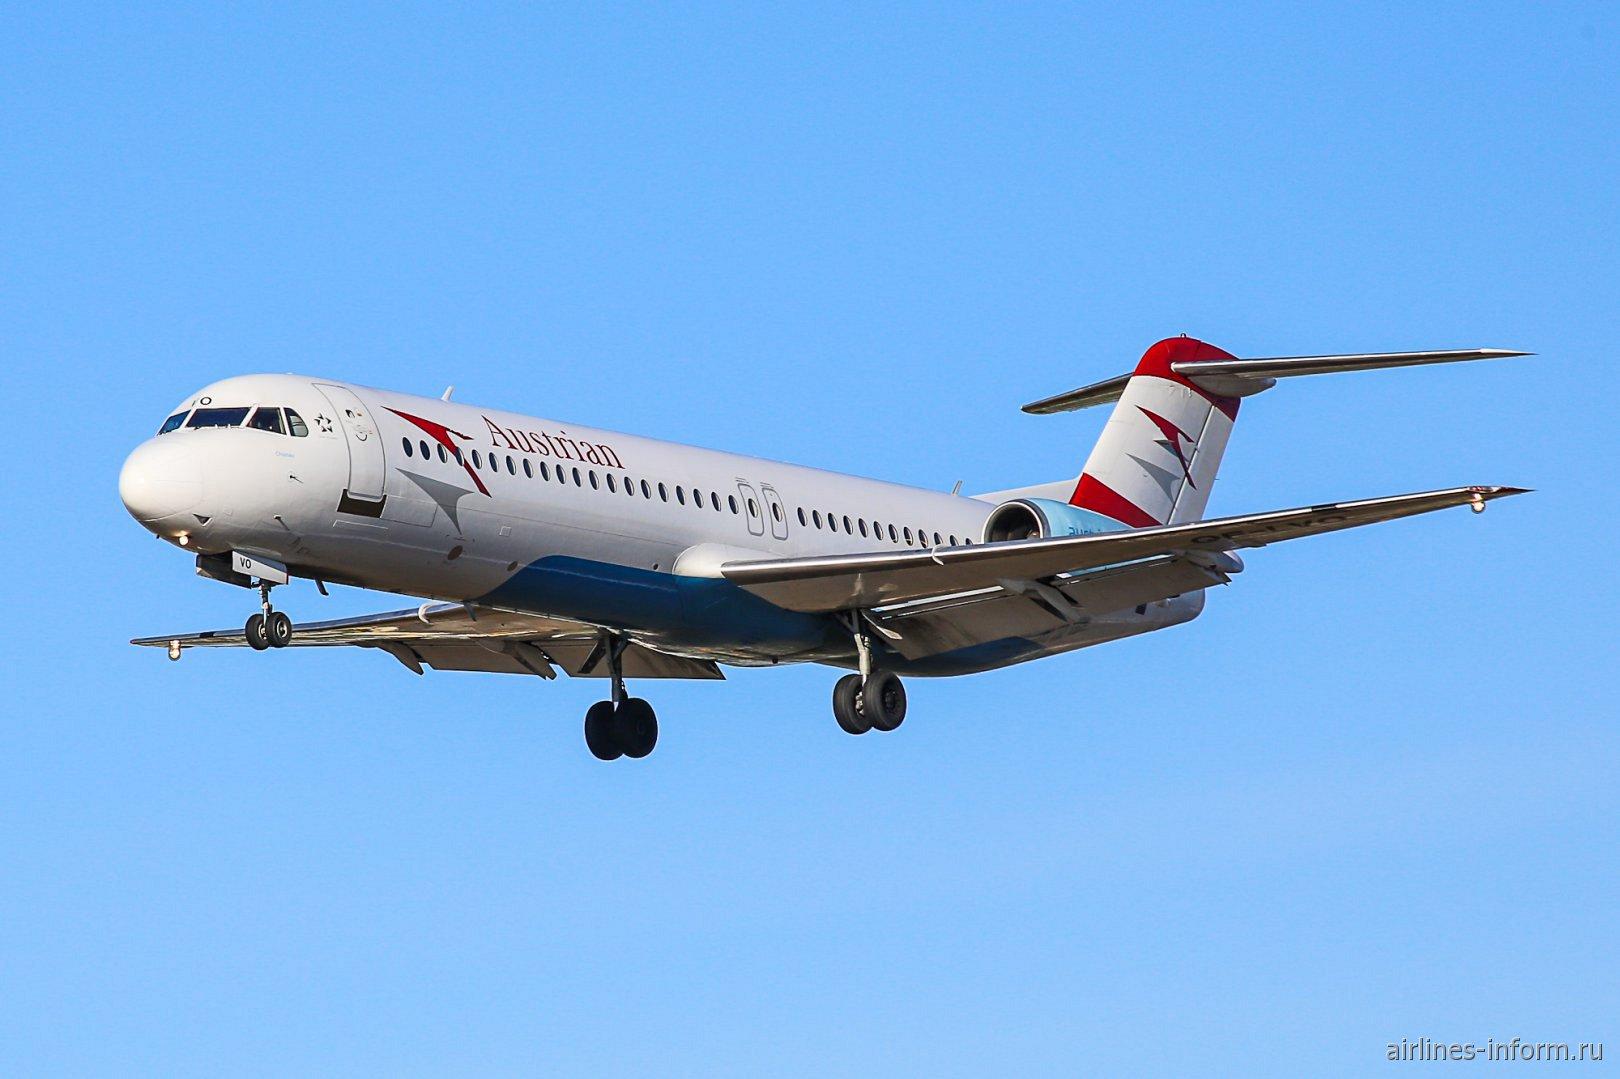 Fokker 100 Австрийских авиалиний перед посадкой в аэропорту Зальцбурга